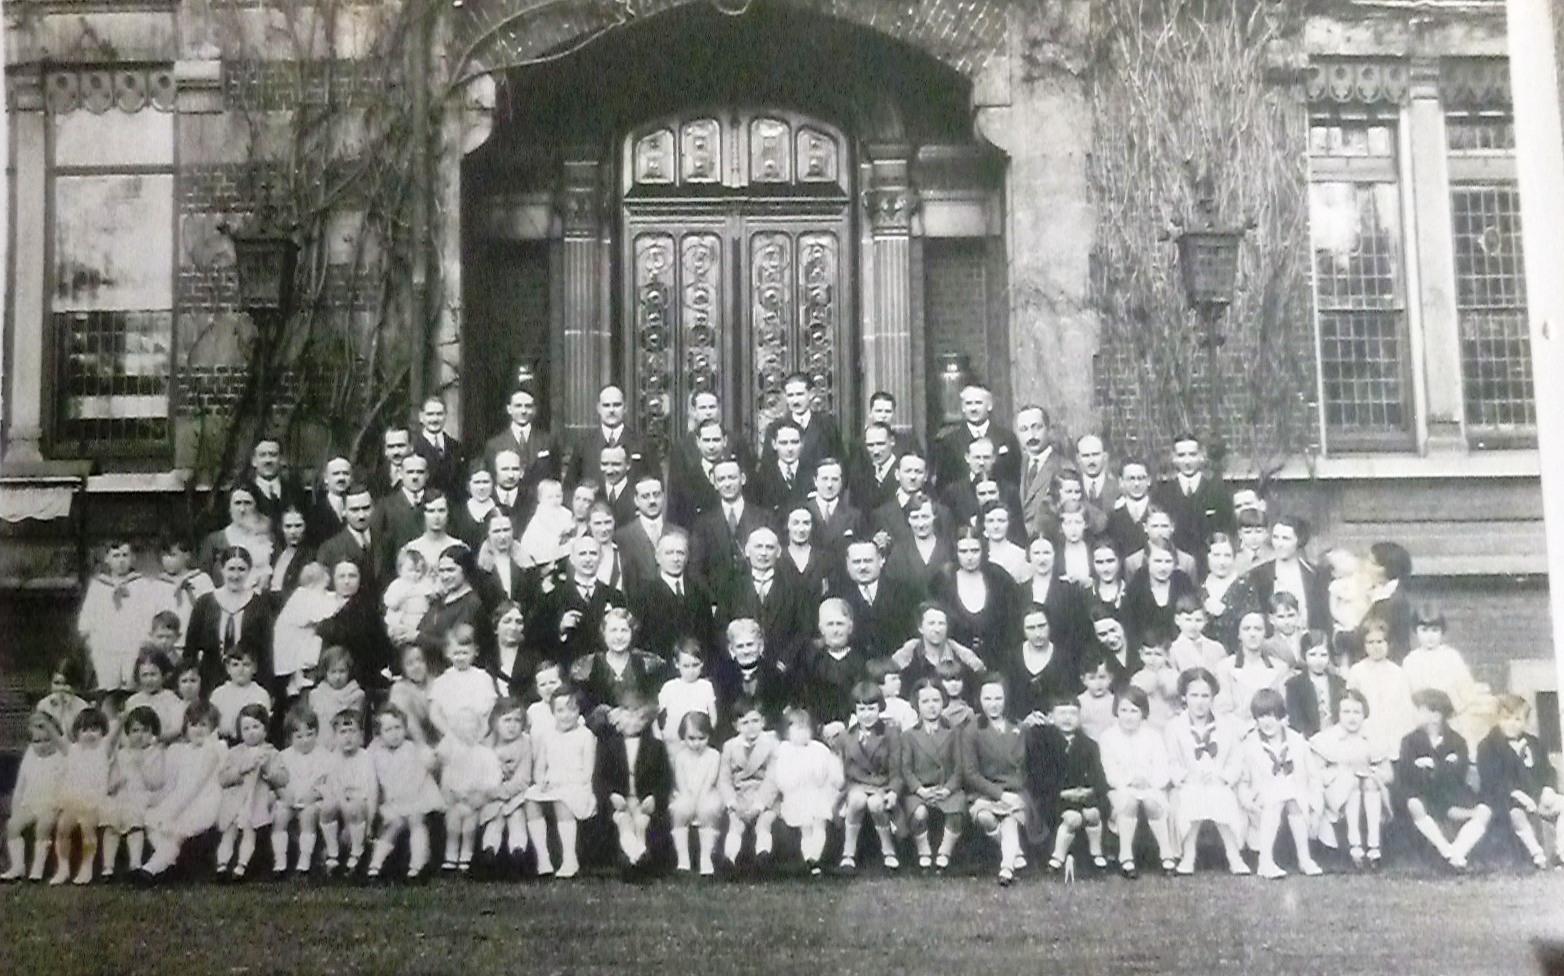 """Pollet-Cuvelier-Mouvaux-80ans%20-29-4-1931-Thierry-Prouvost-蒂埃里•普罗沃 - Association """"Le Paris du Nord""""  協會 """"北部巴黎"""